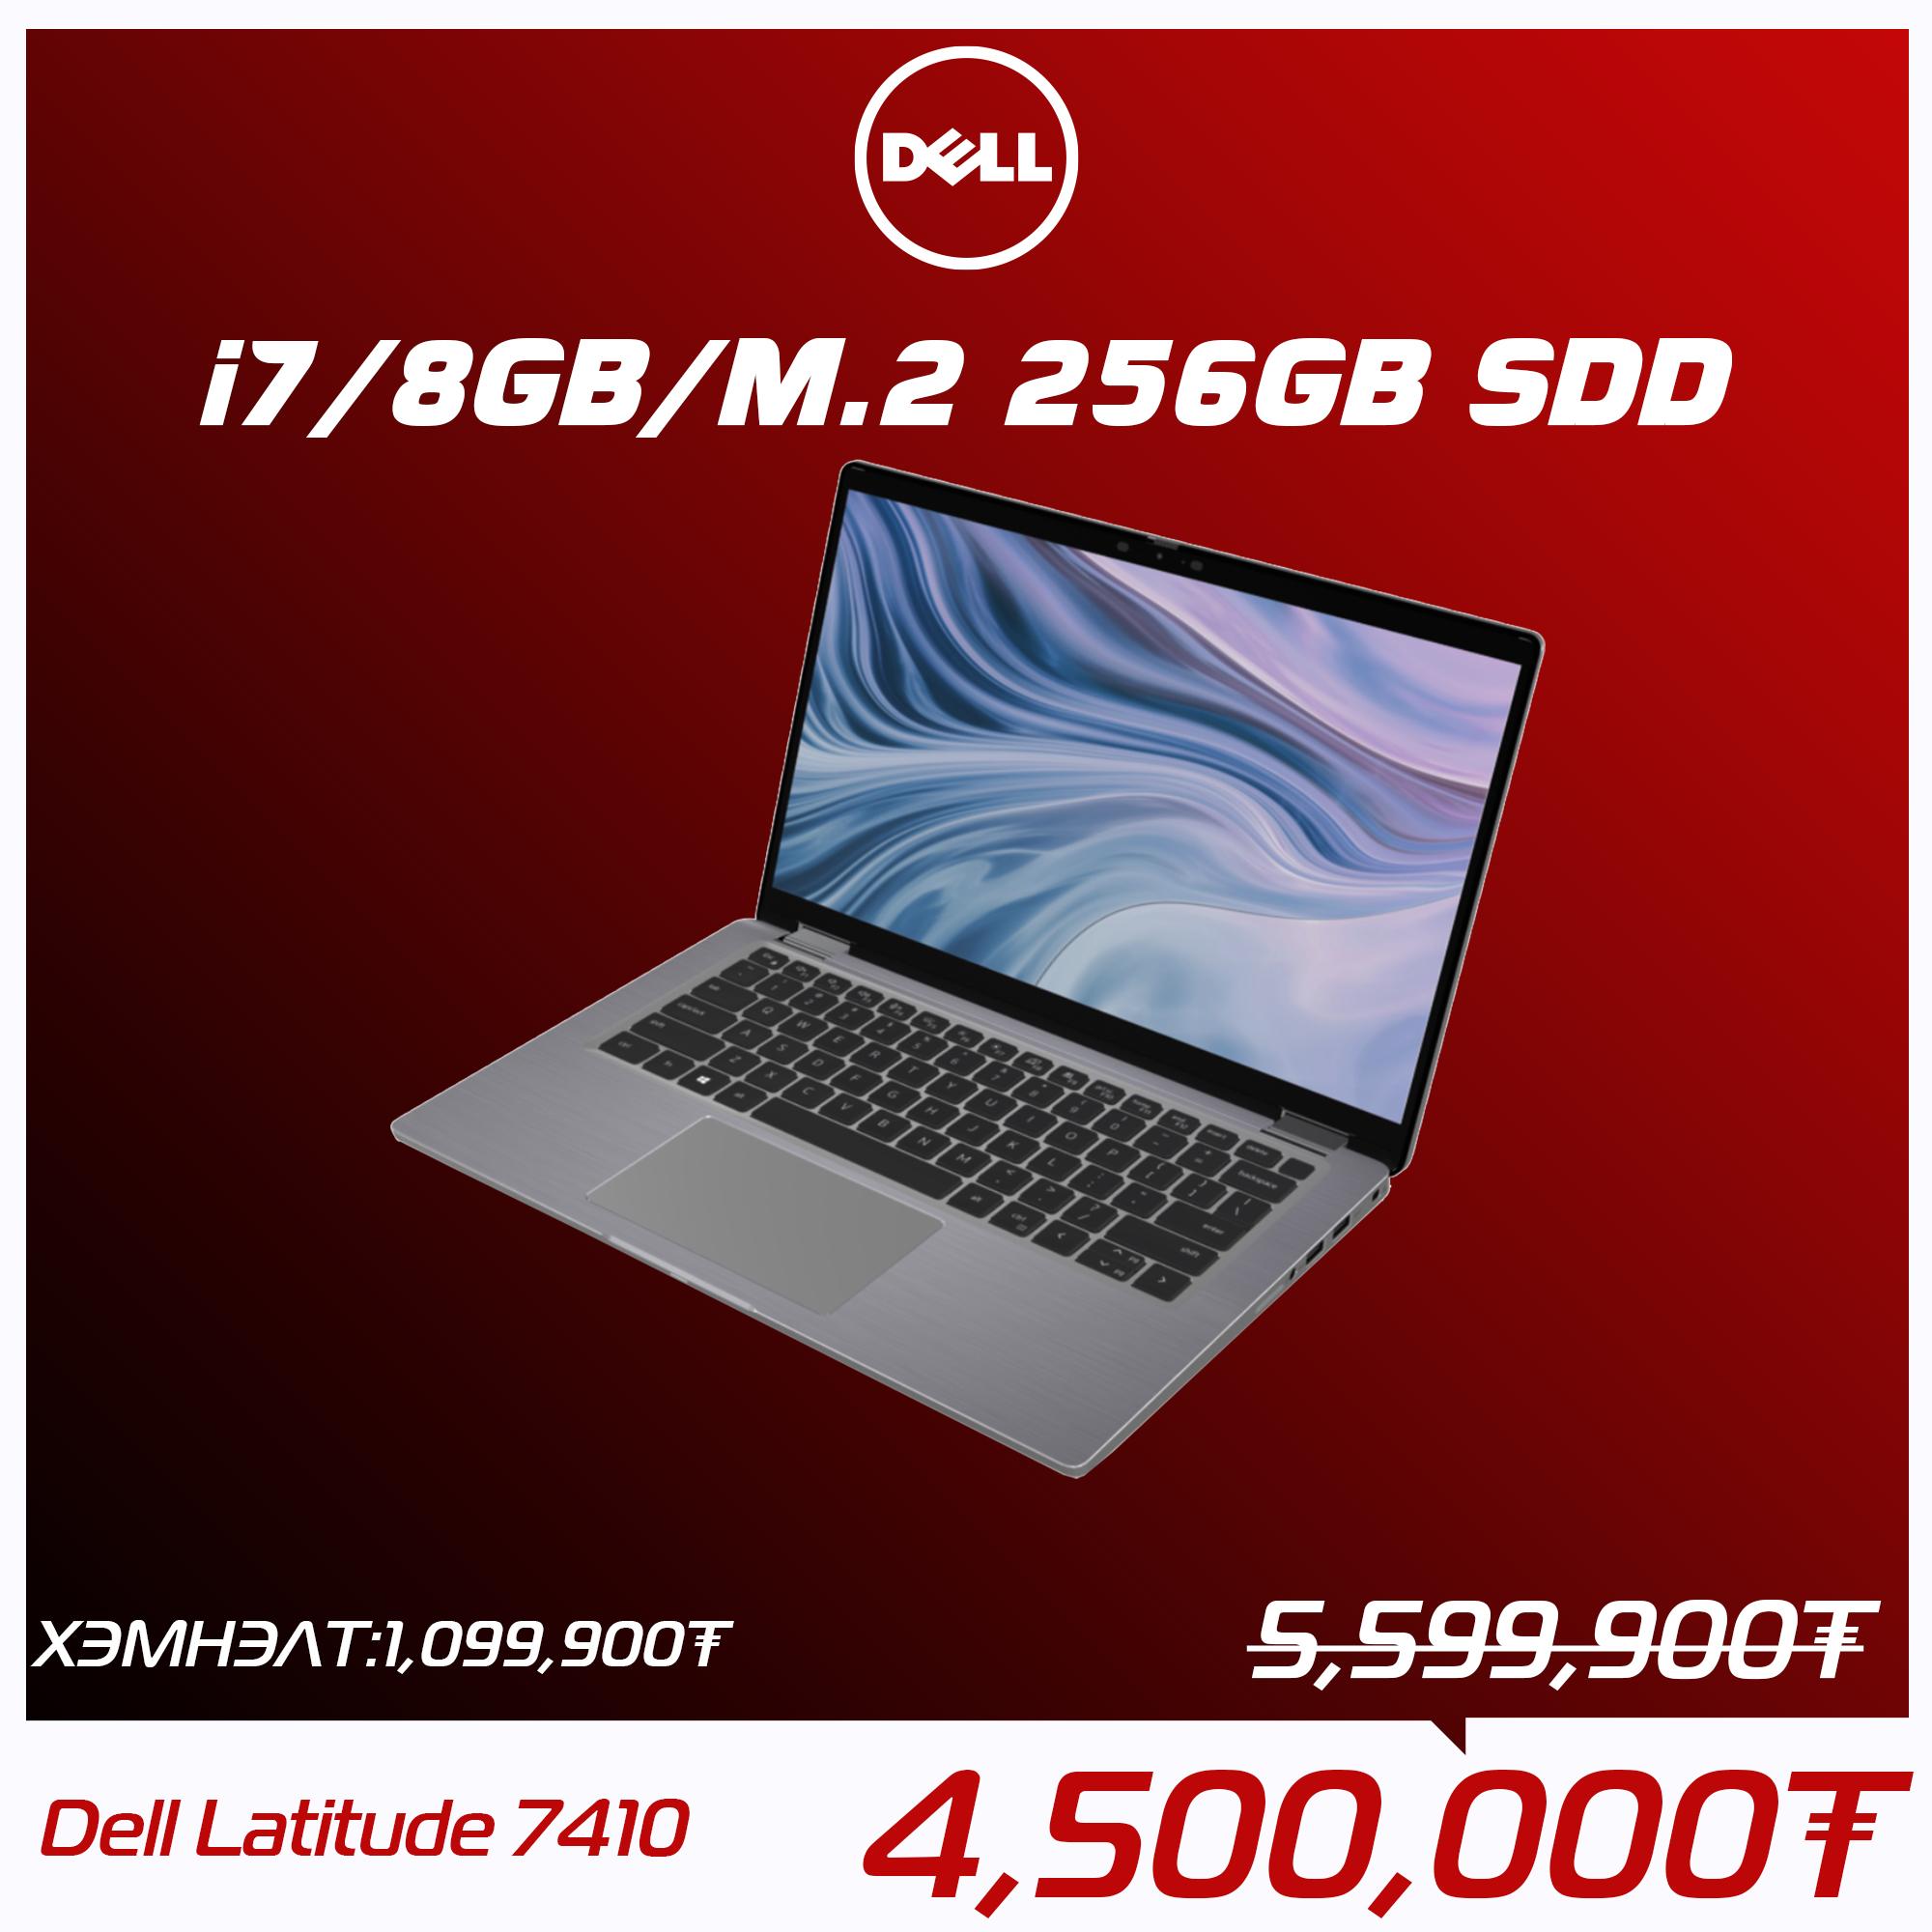 Dell Latitude 7410